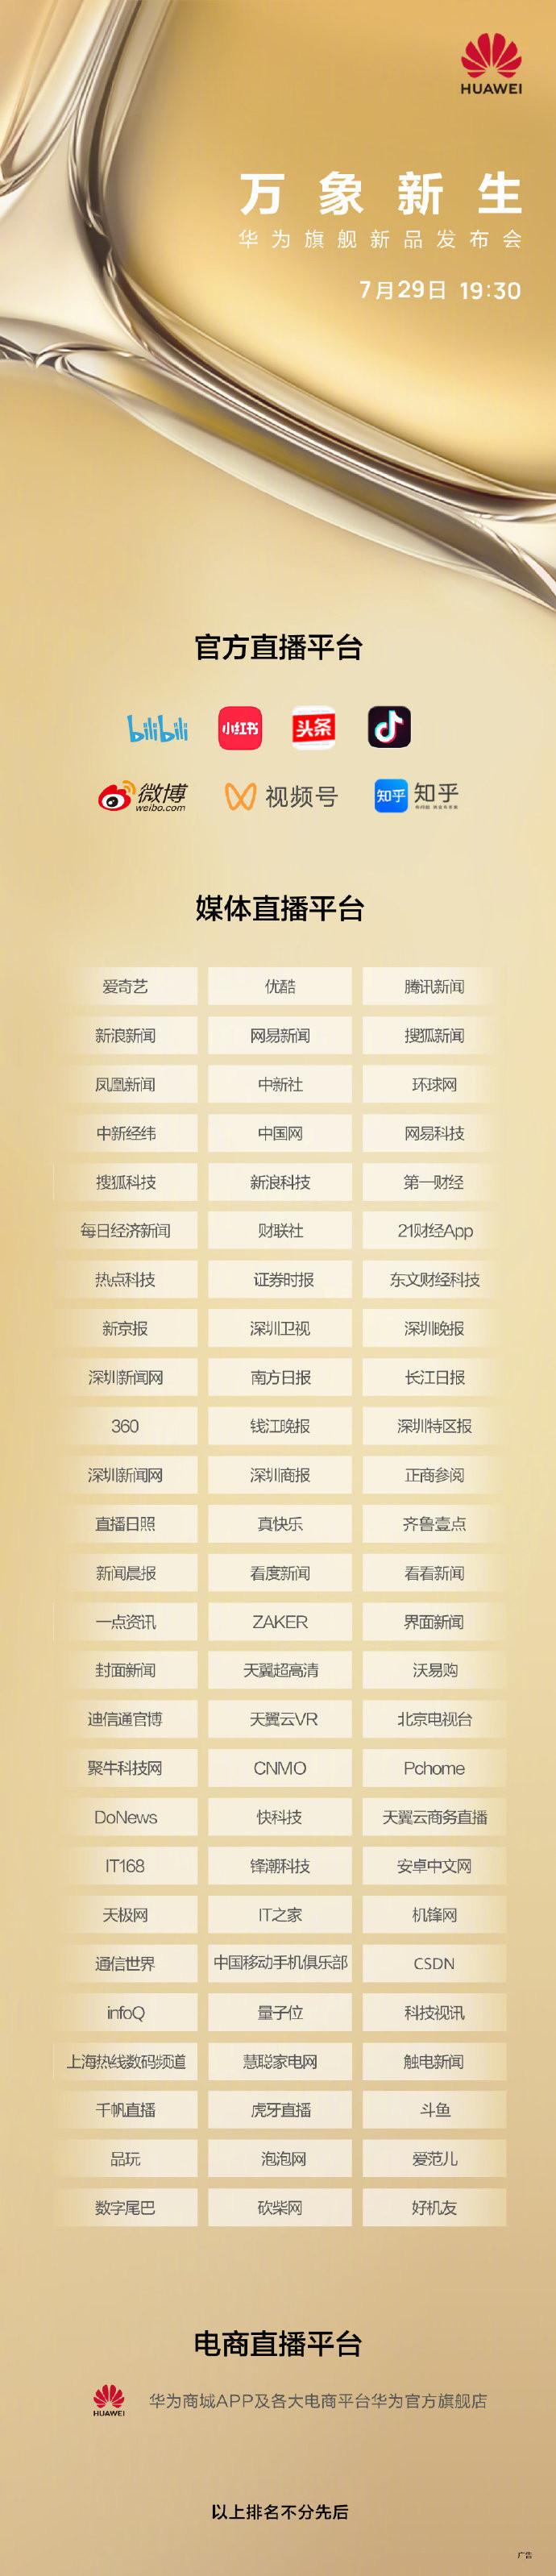 华为P50系列发布会直播平台汇总 万象新生见证新旗舰